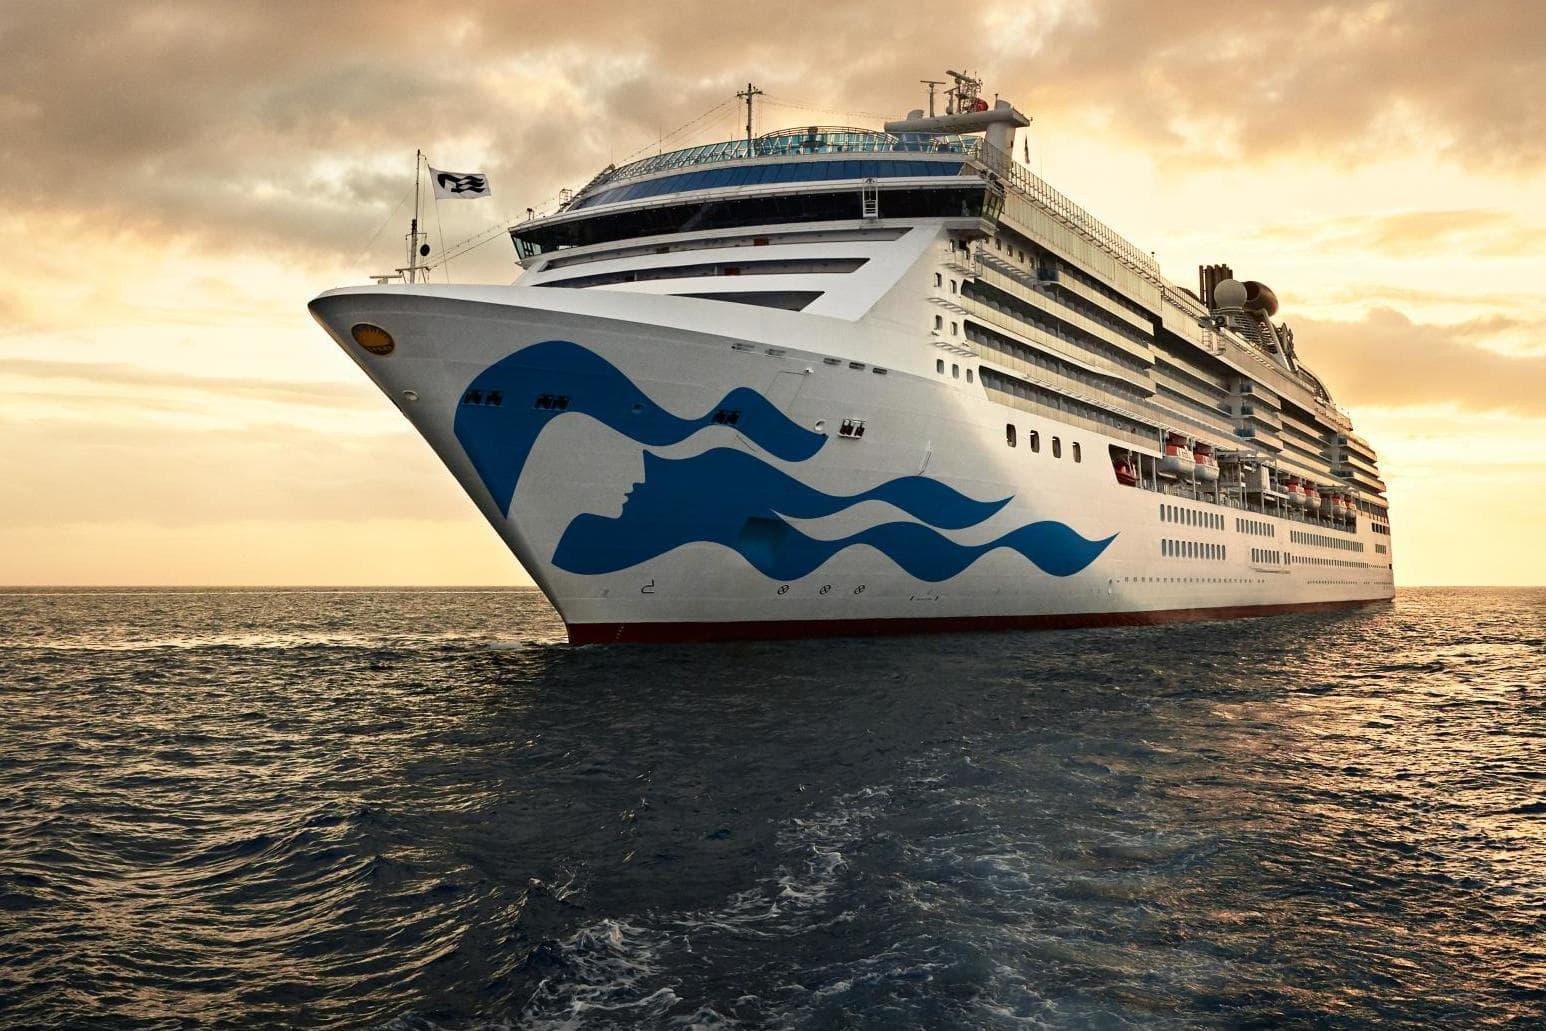 cruise-ships-stranded.jpg